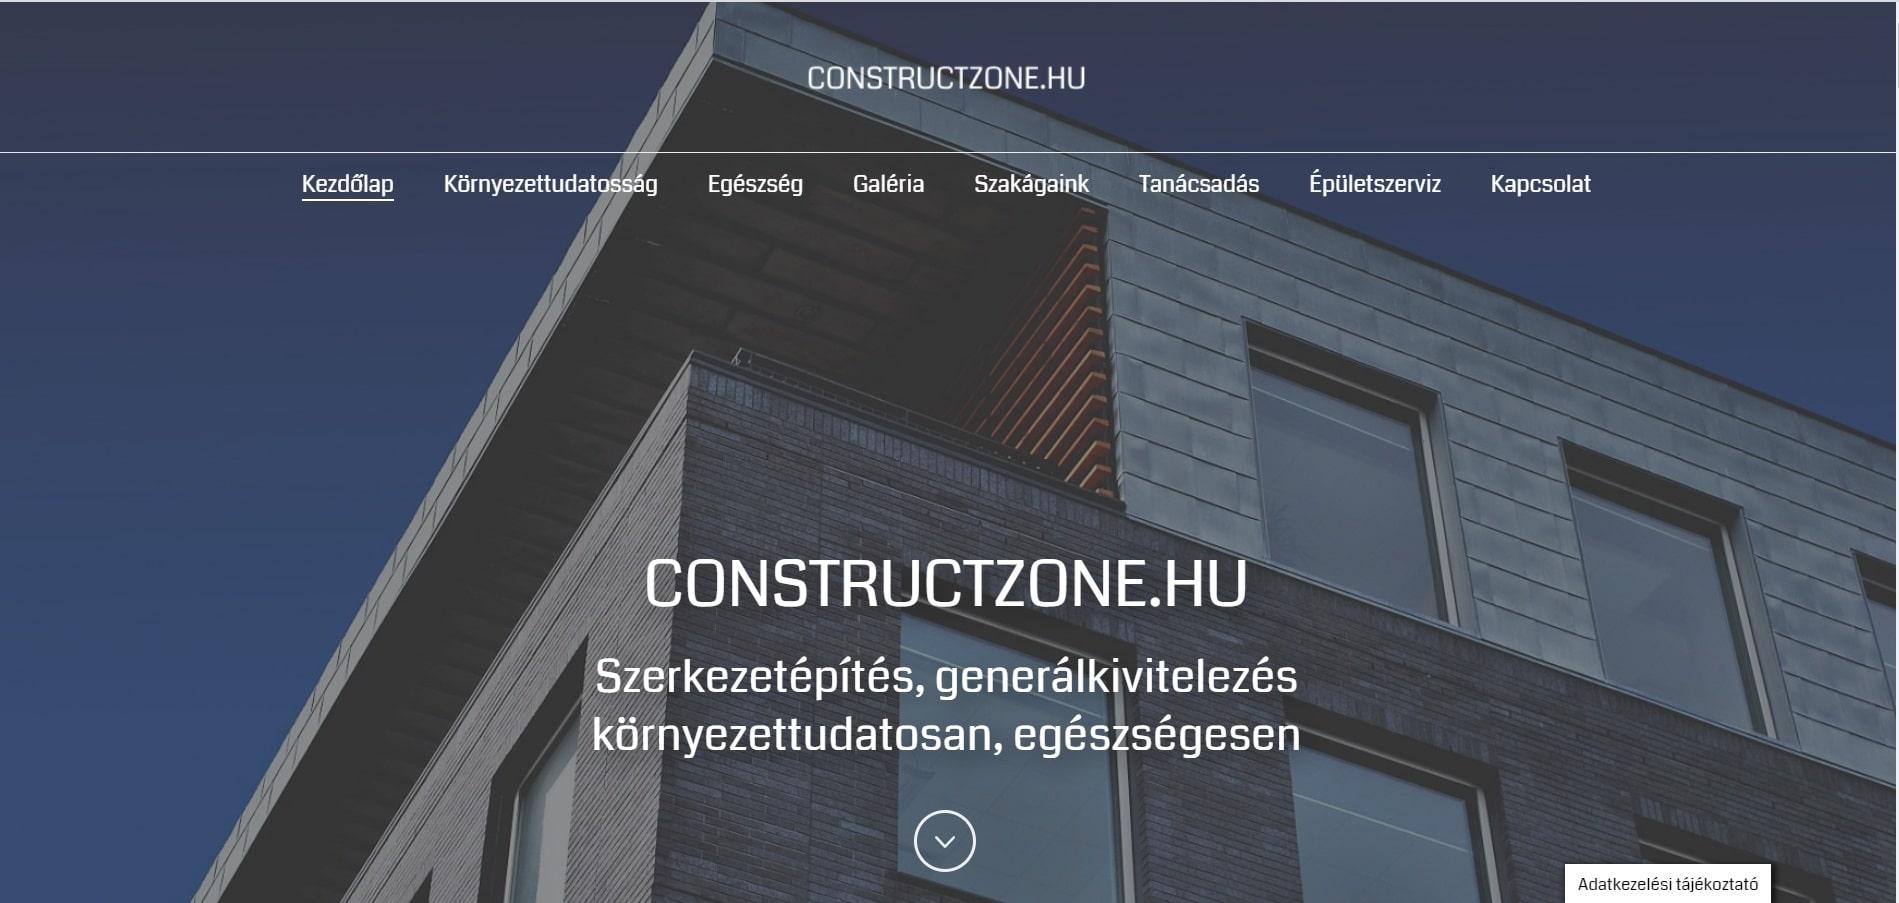 Constructzone-honlakeszites-referencia